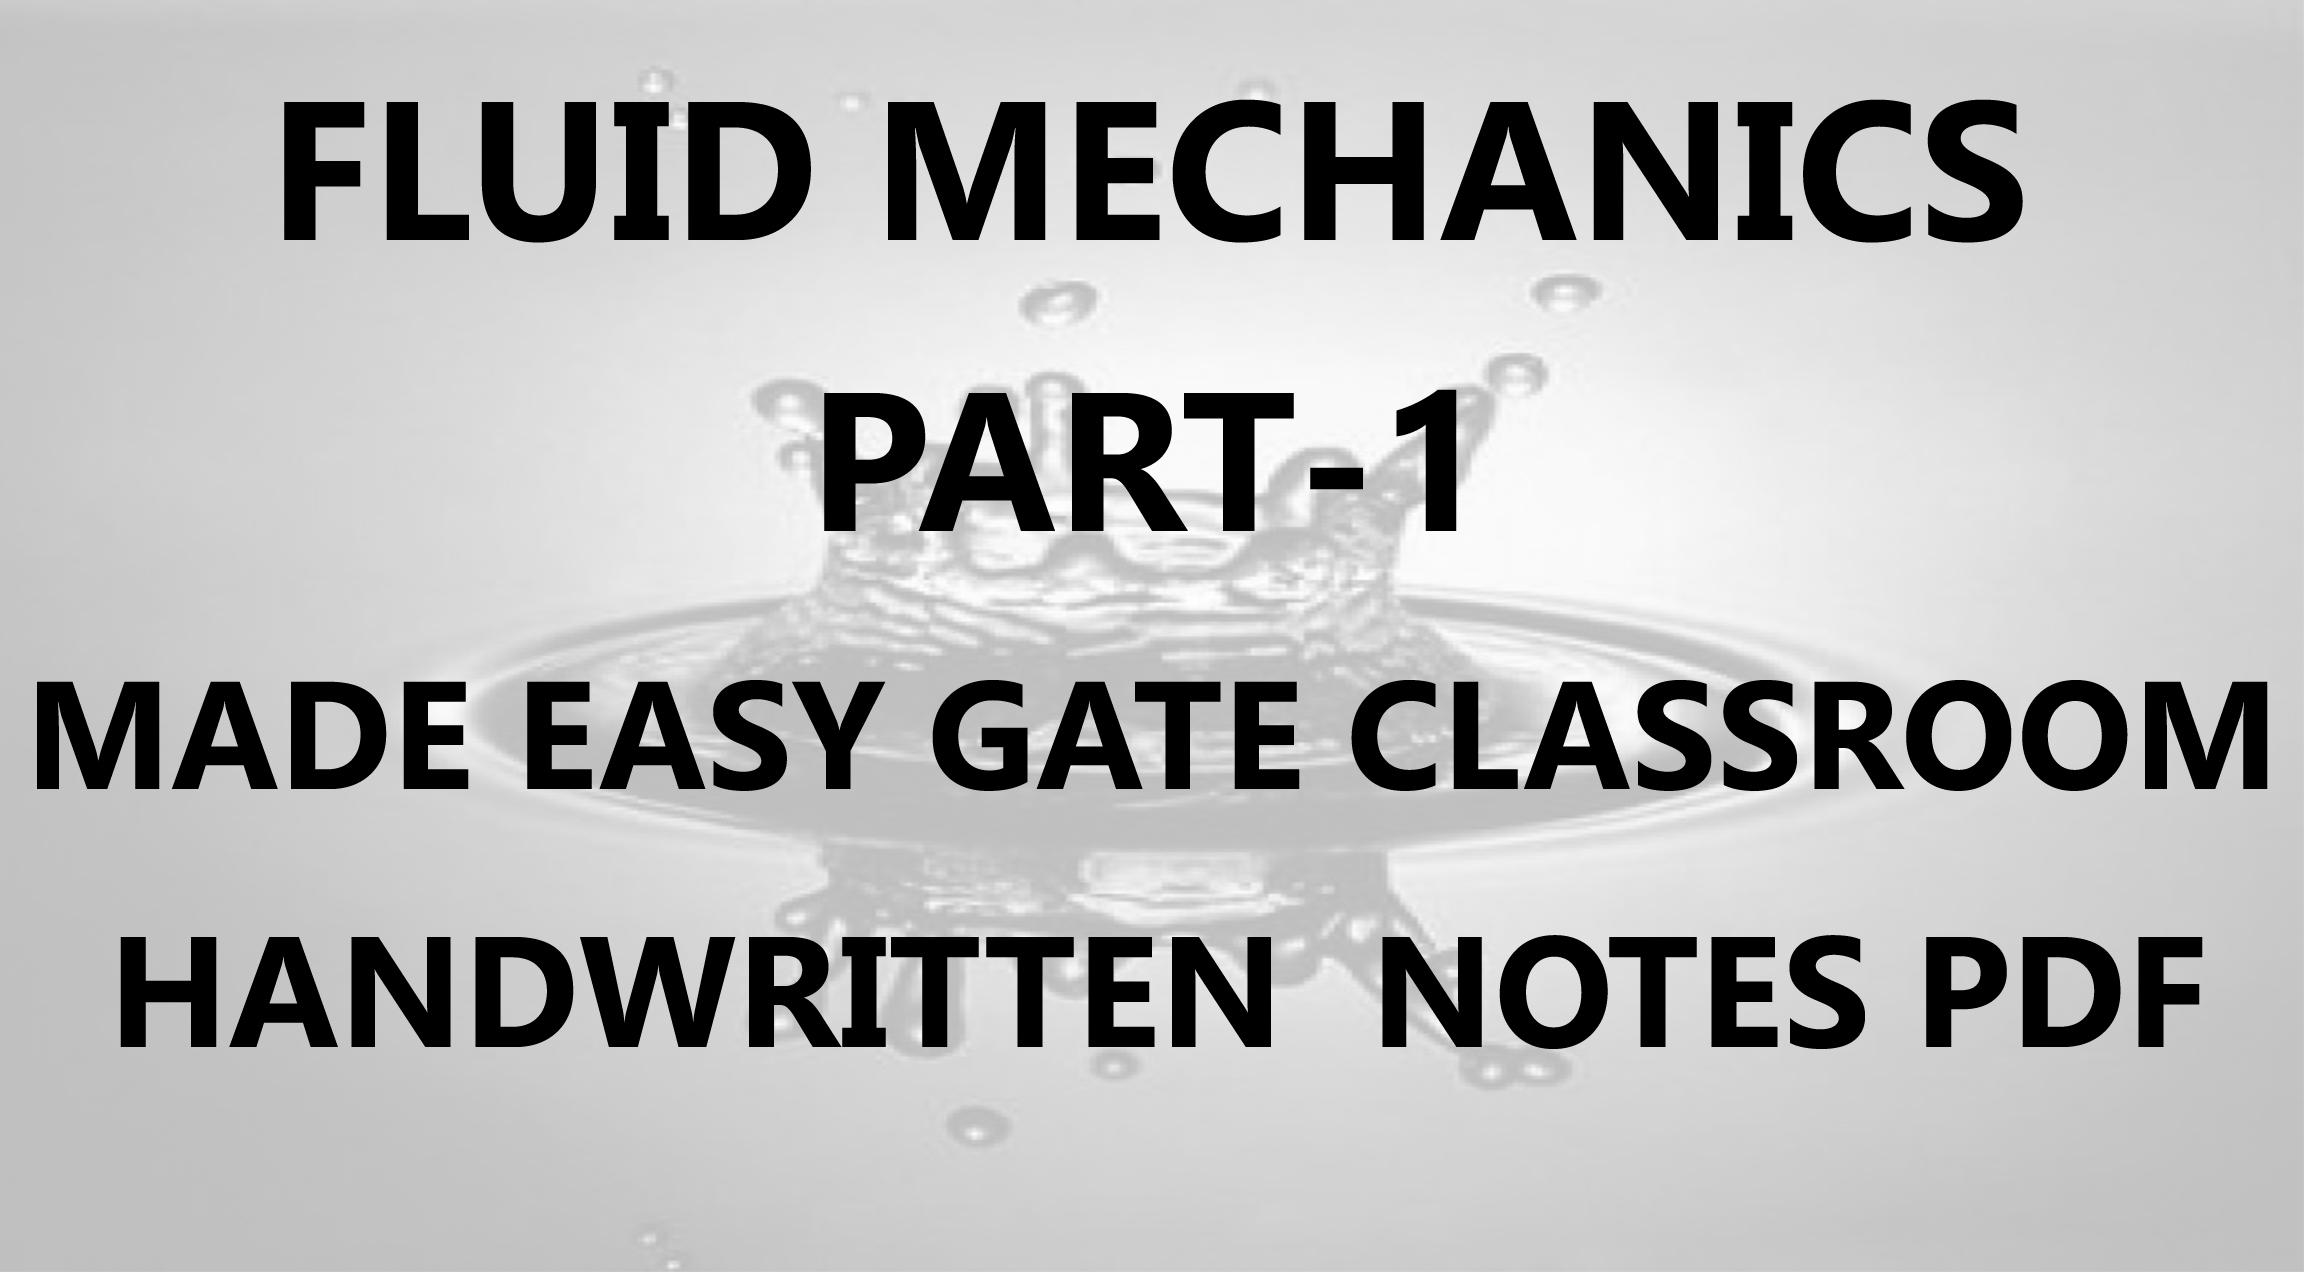 Fluid Mechanics Made Easy GATE Handwritten Classroom Notes PDF